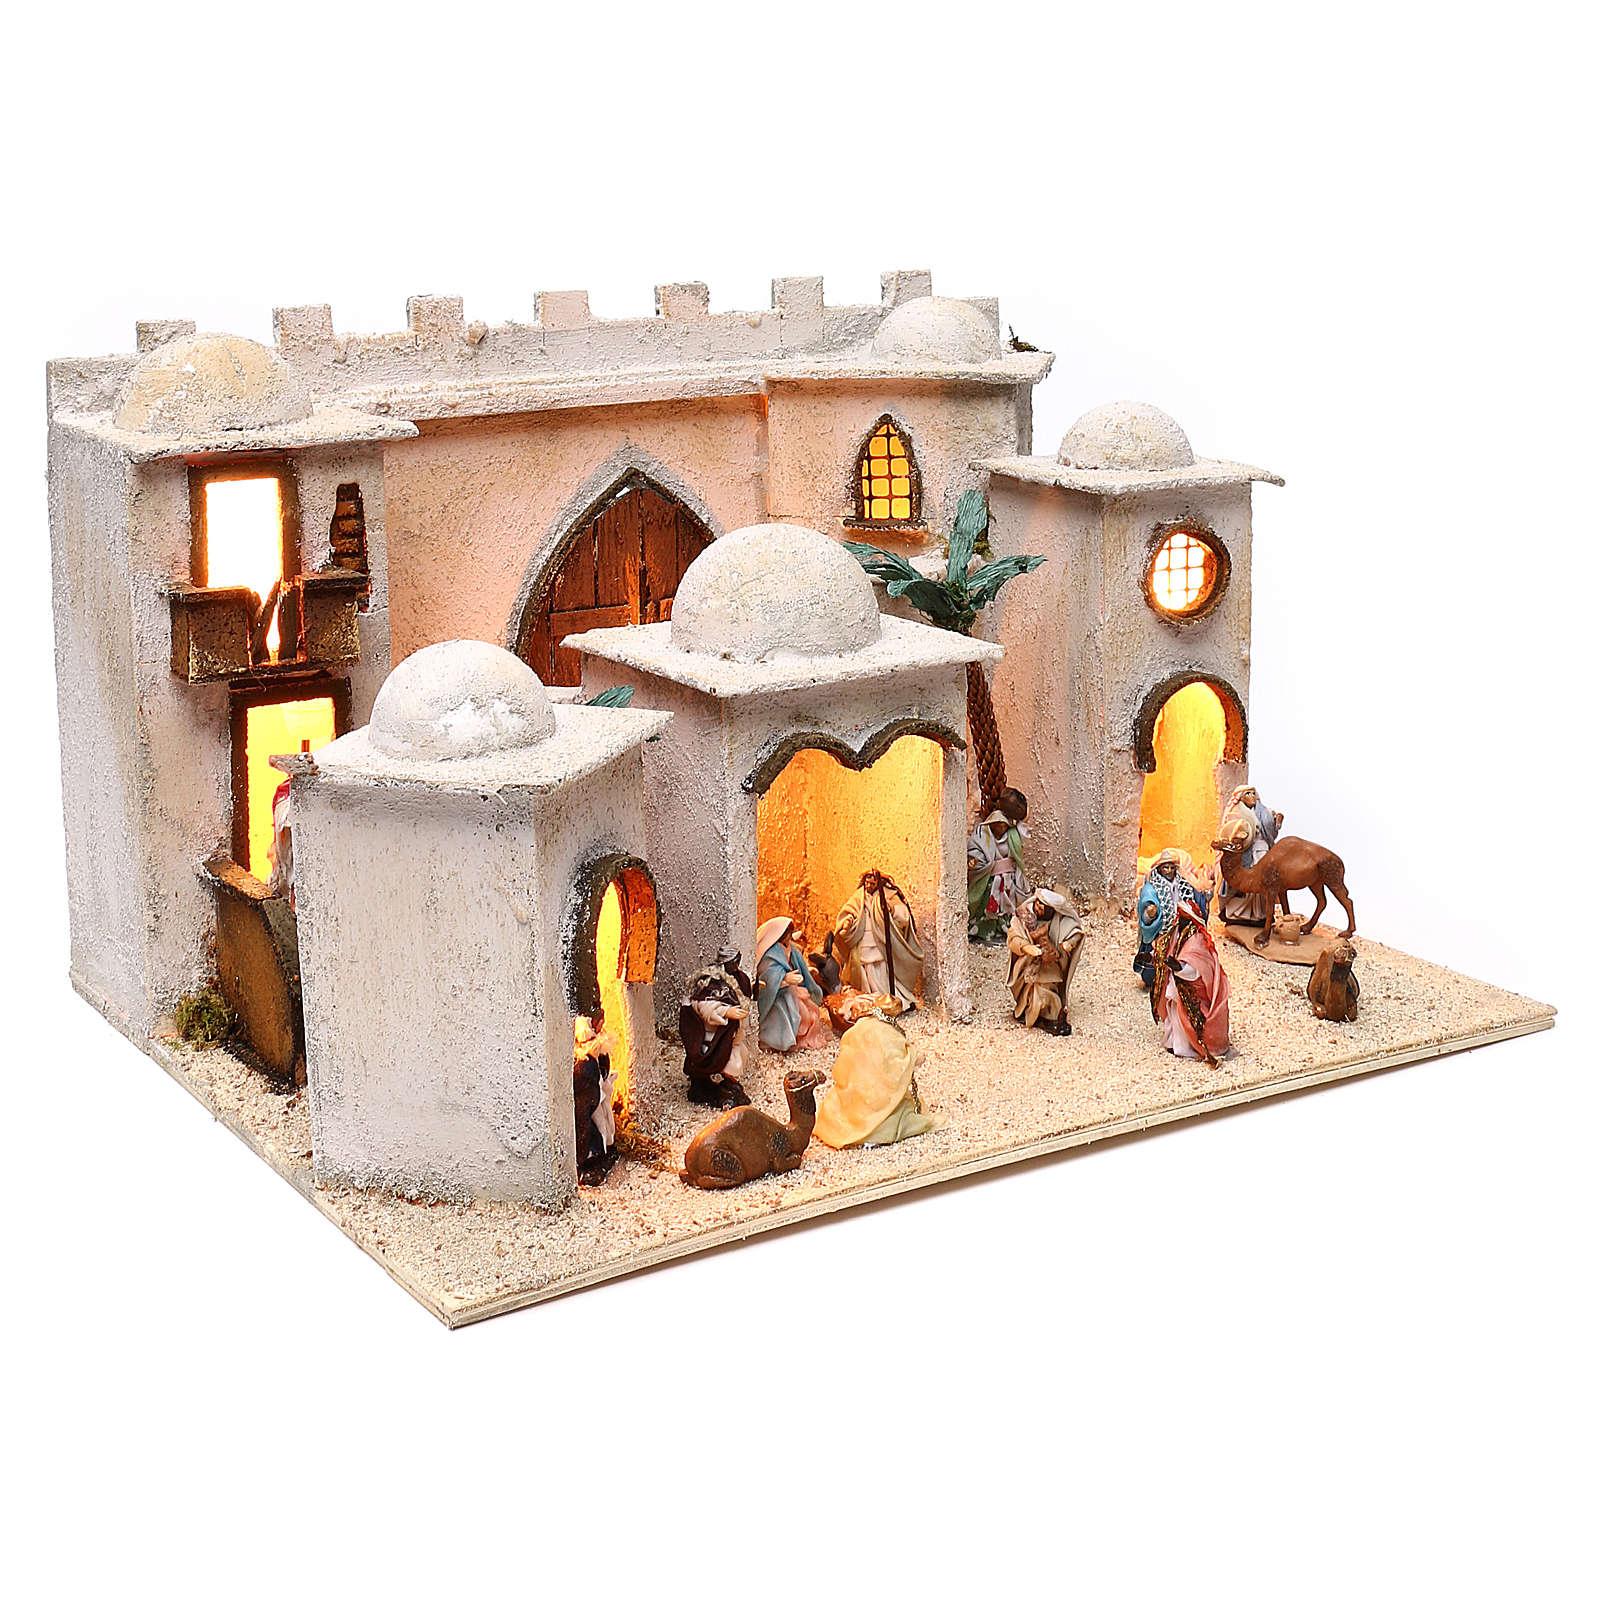 Borgo arabo dimensioni 30x50x40 cm completo di personaggi presepe Napoli 4